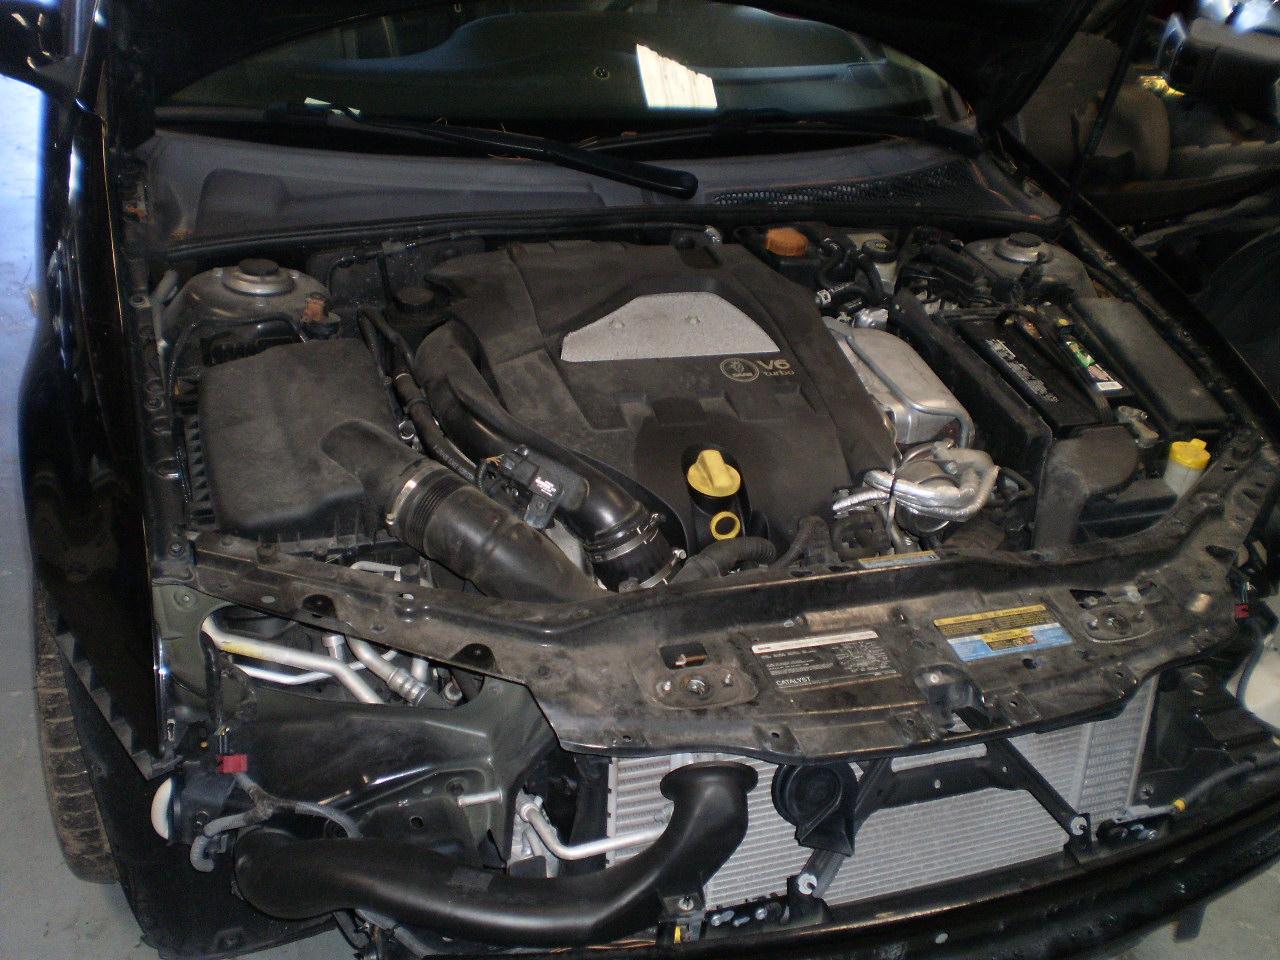 2006 Saab 9-3 Engine Diagram